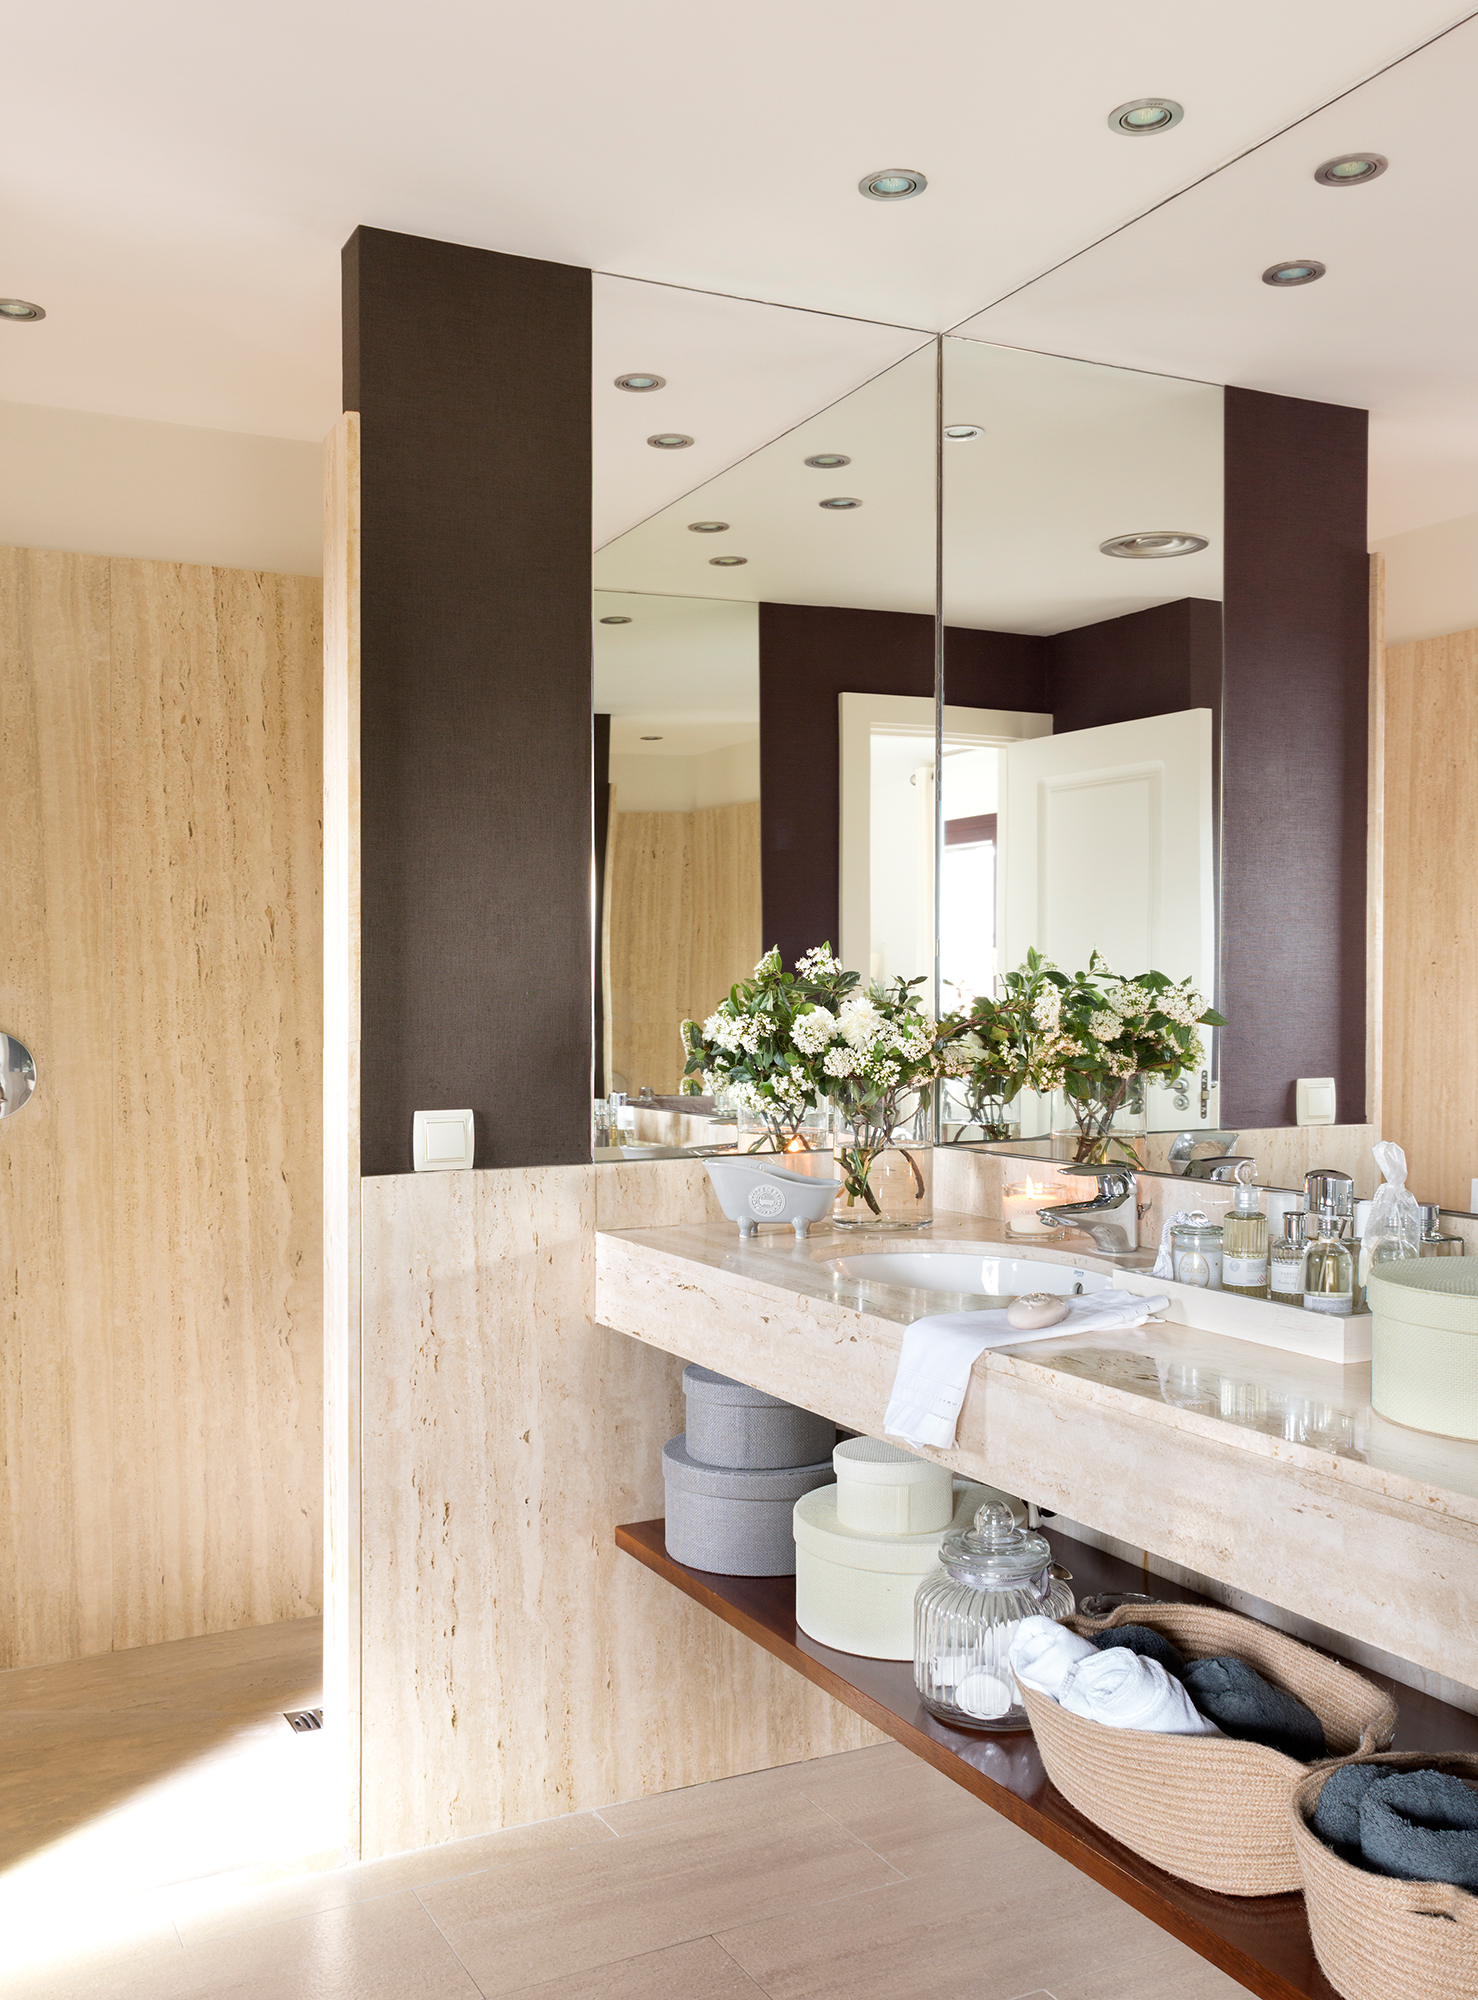 Espejos de ba o 15 dise os de todos los estilos for Espejo pared completa